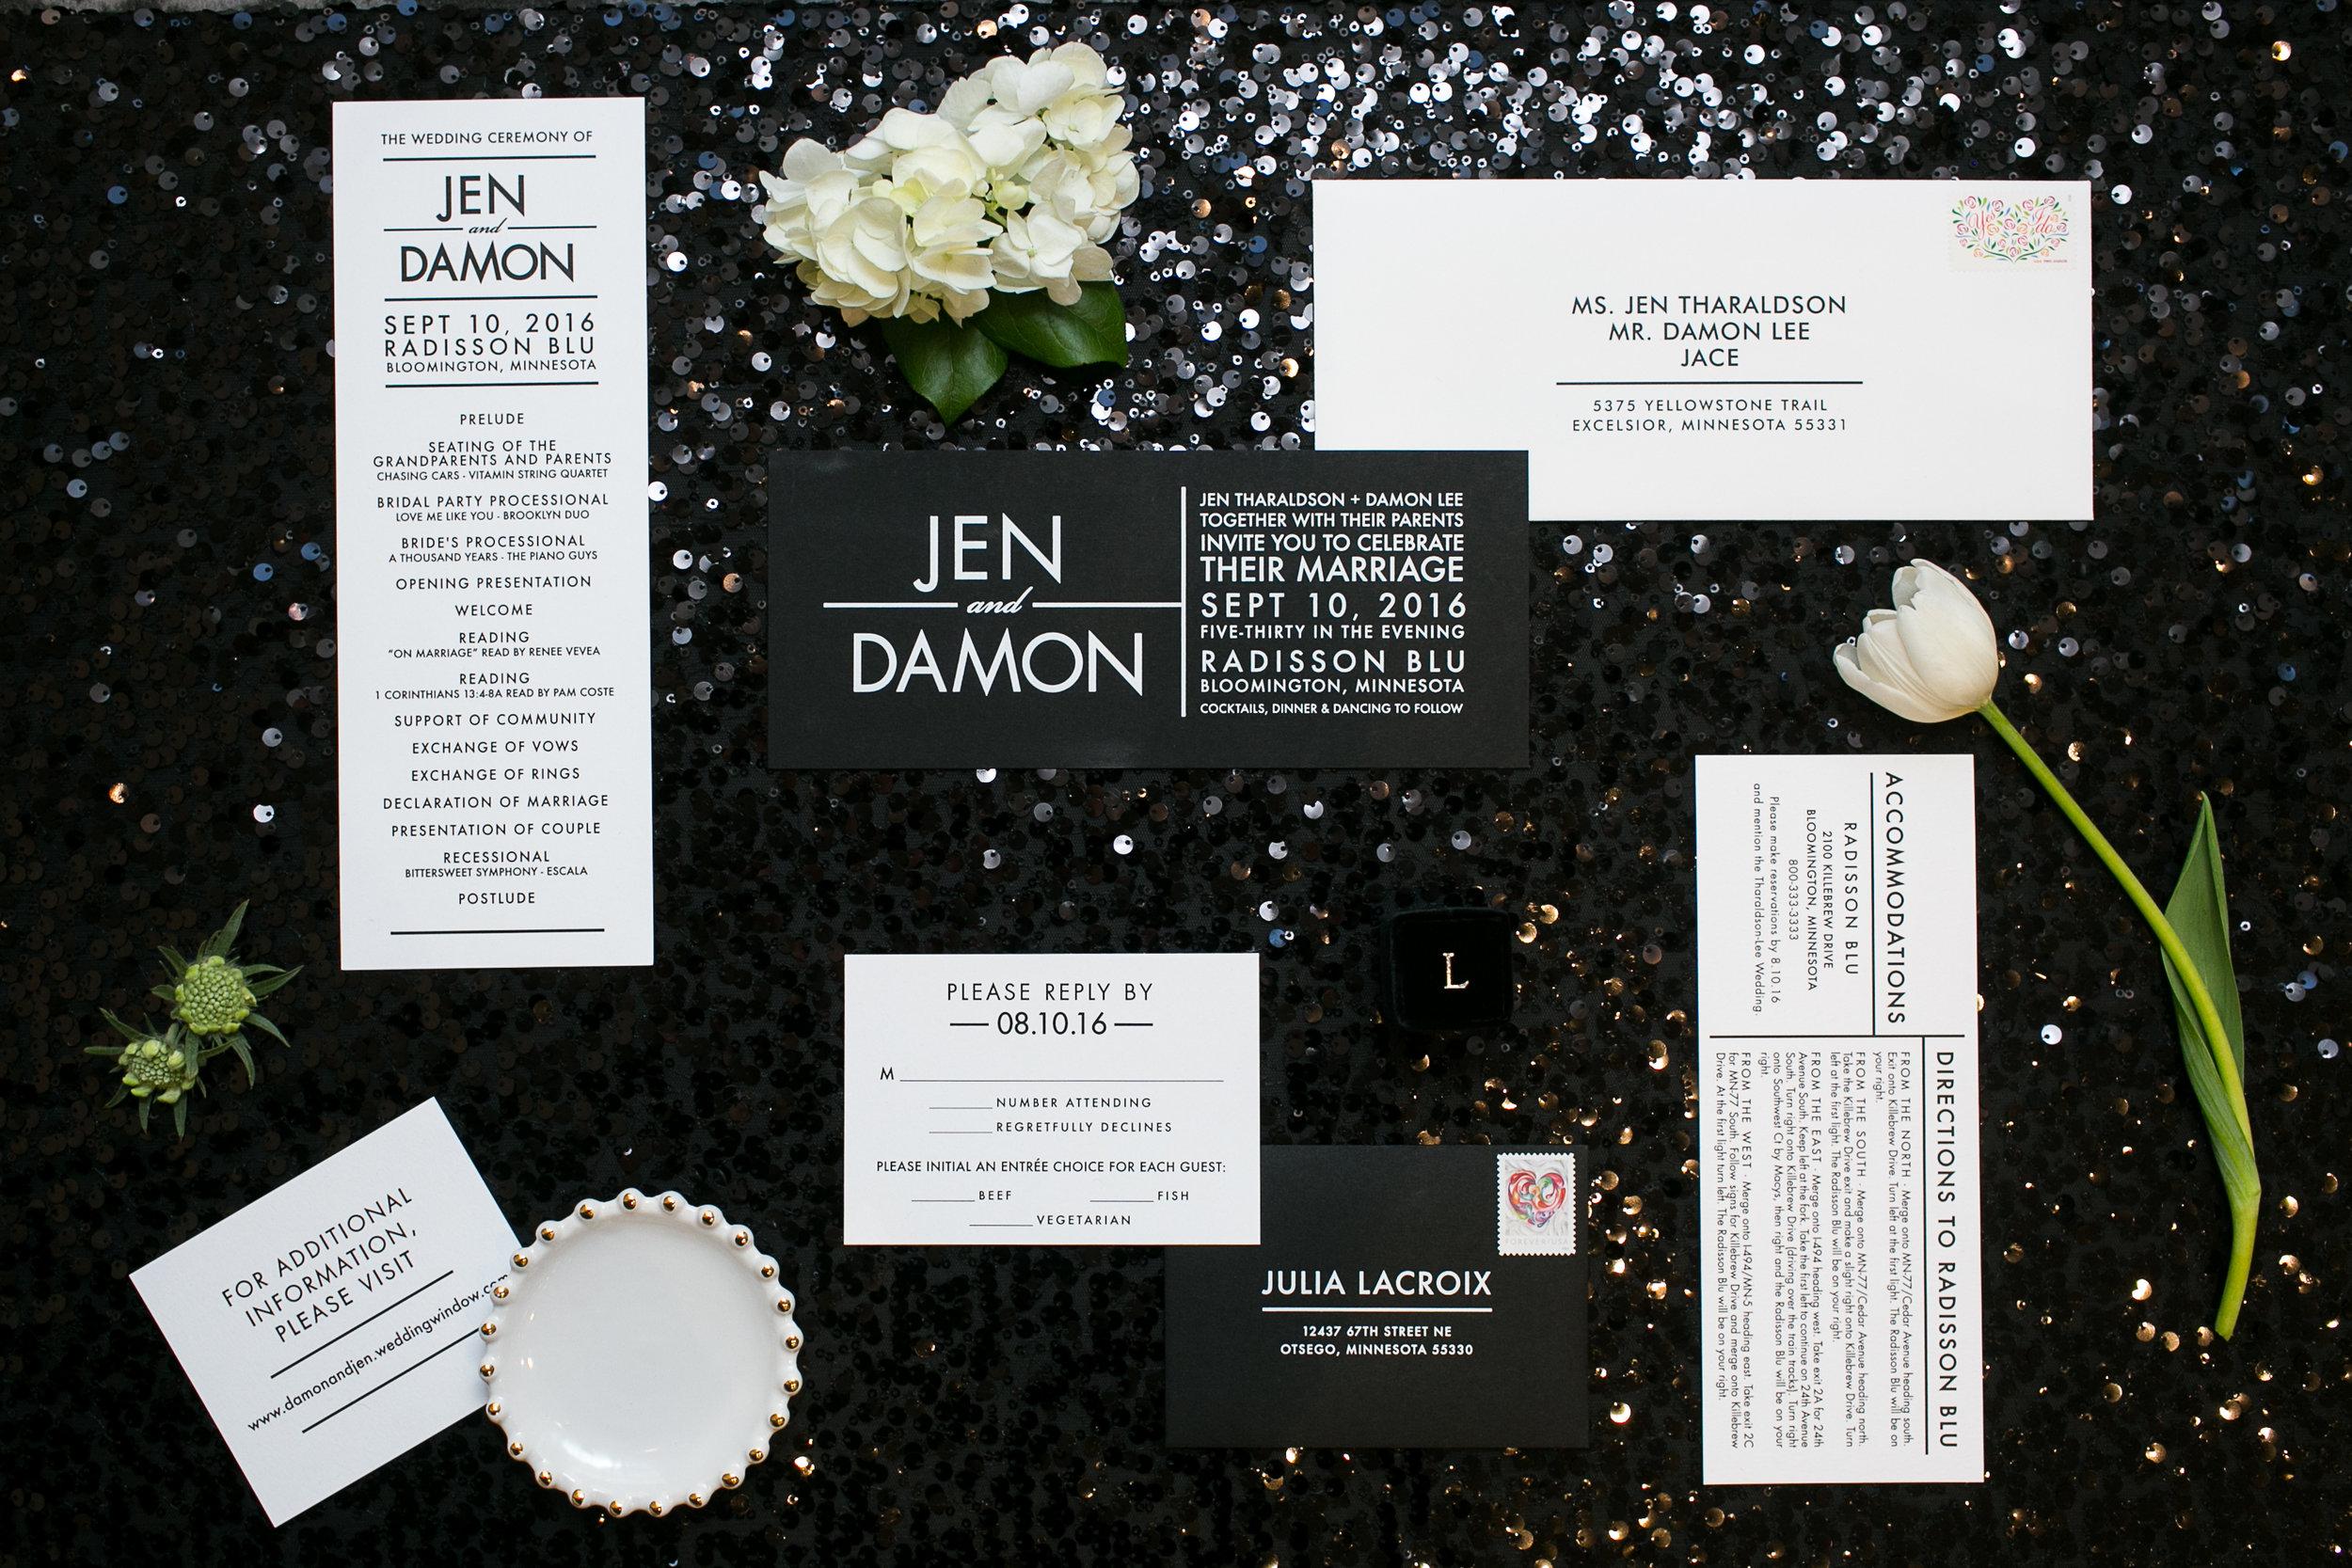 Jen + Damon - White on Black Modern Invitation